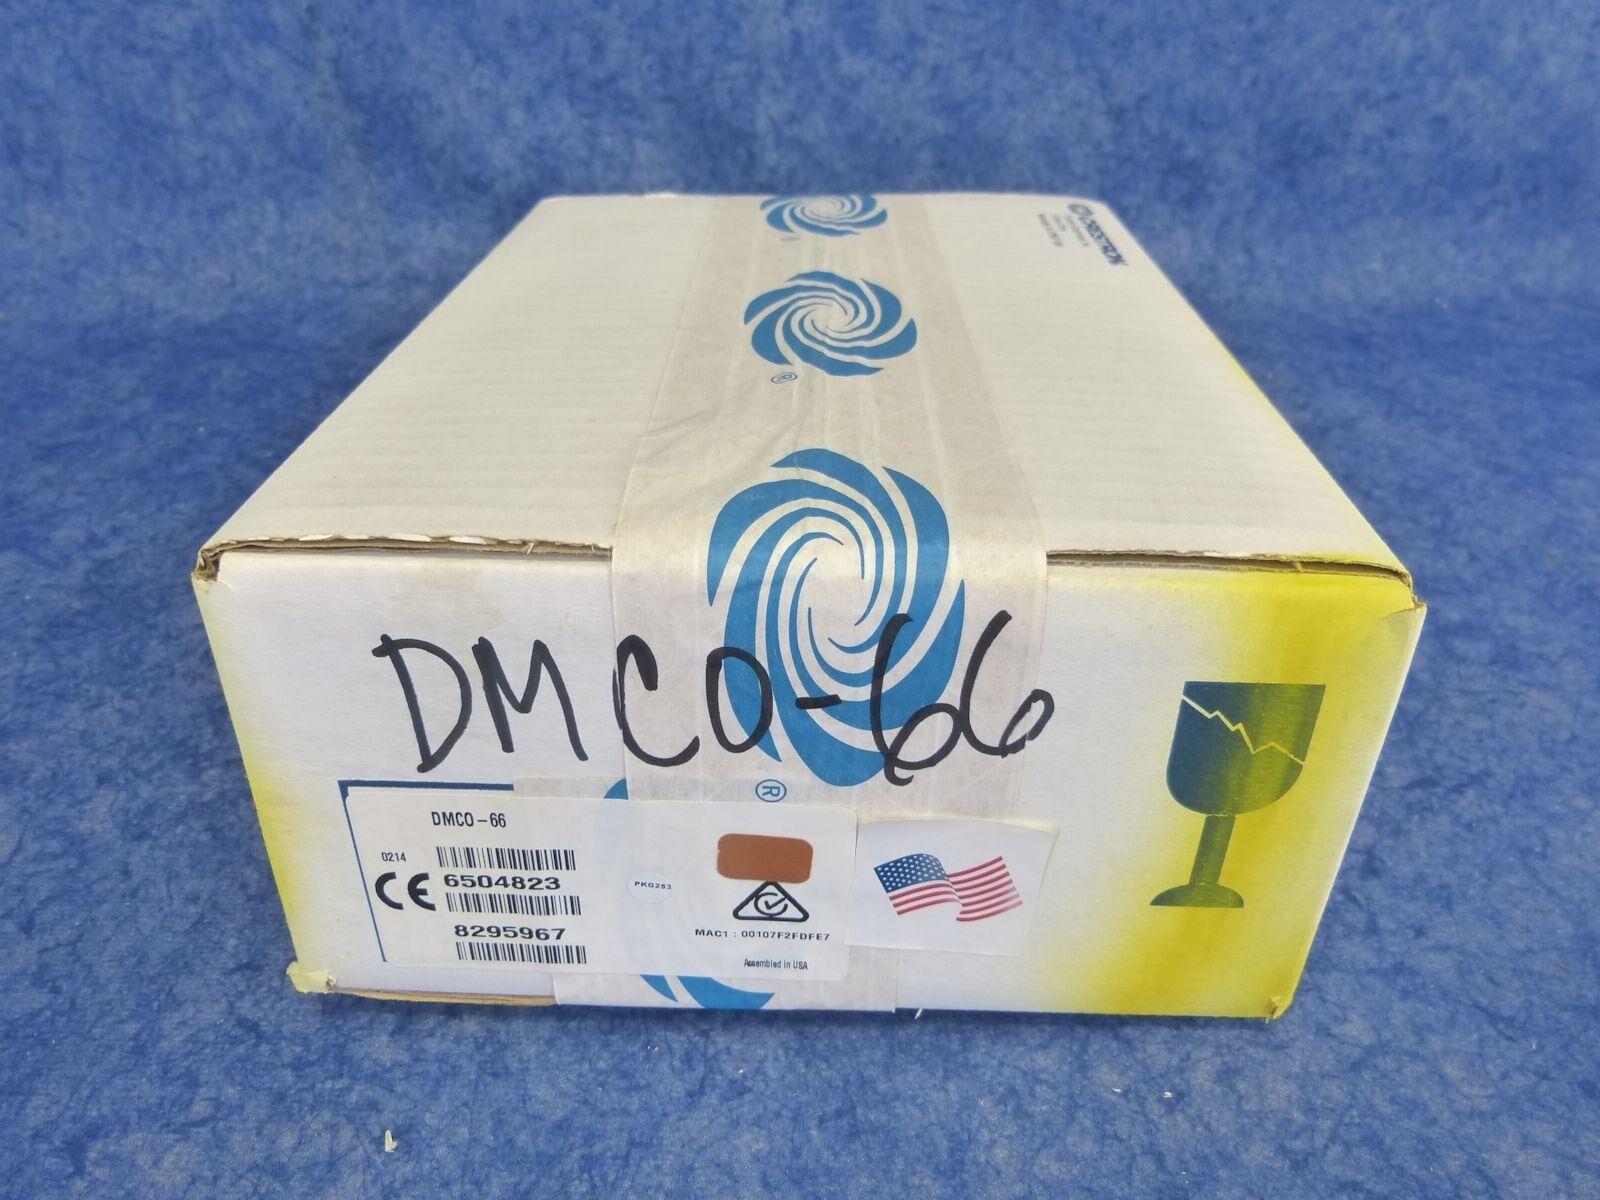 NEW Crestron DMCO-66 DigitalMedia Switcher 8G+ Fiber Output Card SM